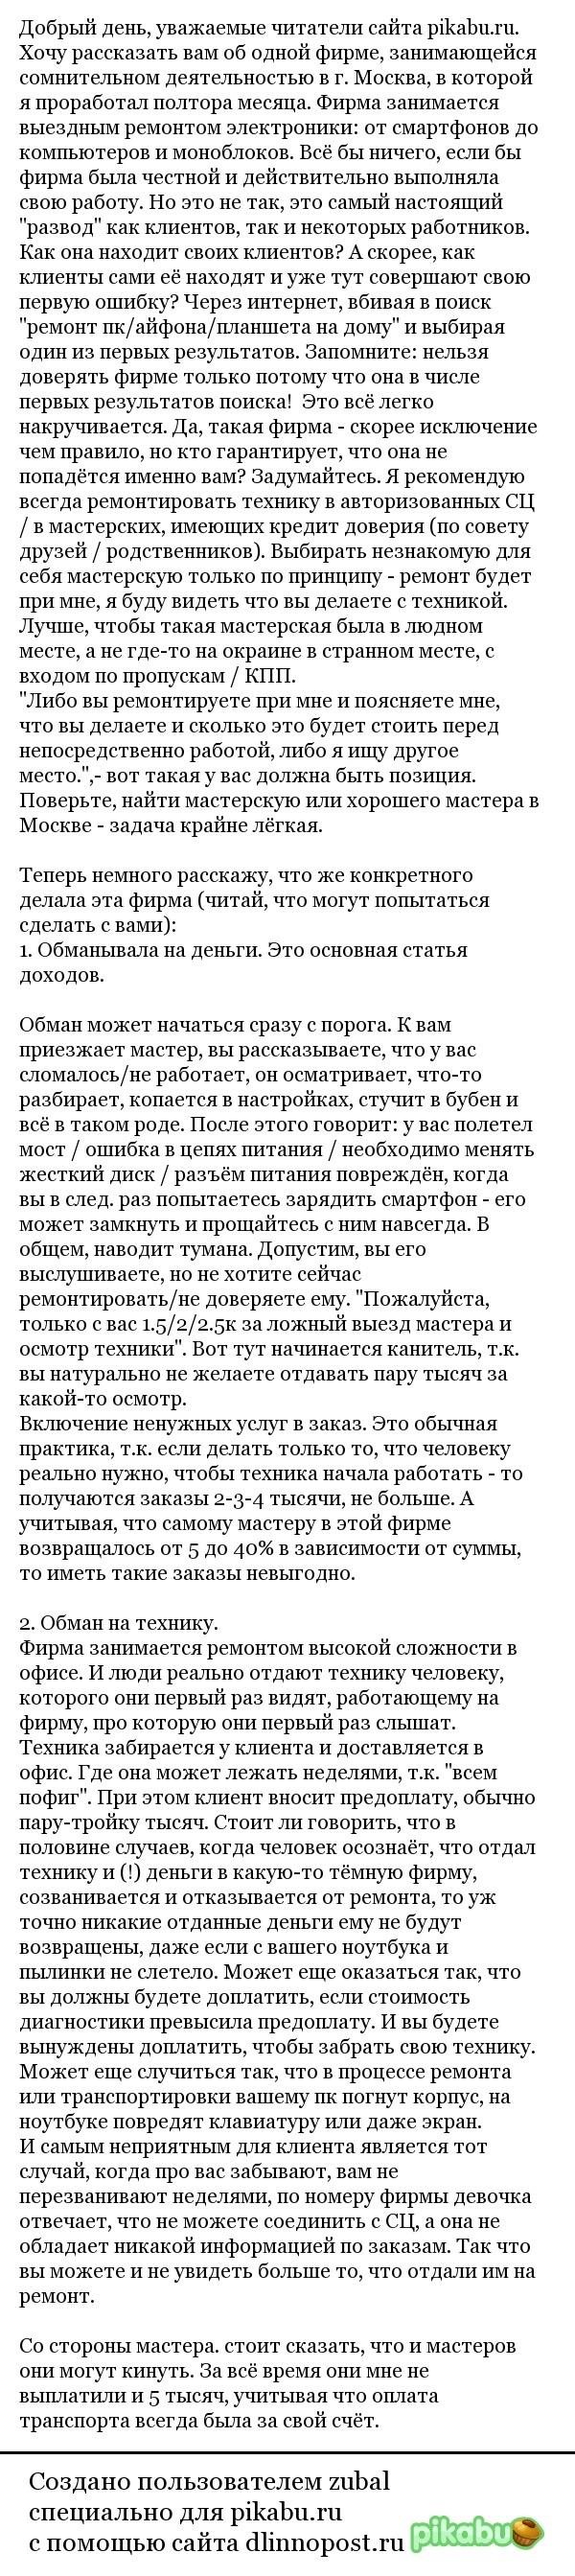 Не доверяйте мастерам из интернета работа, Москва, мошенники, обман клиентов, развод, длиннопост